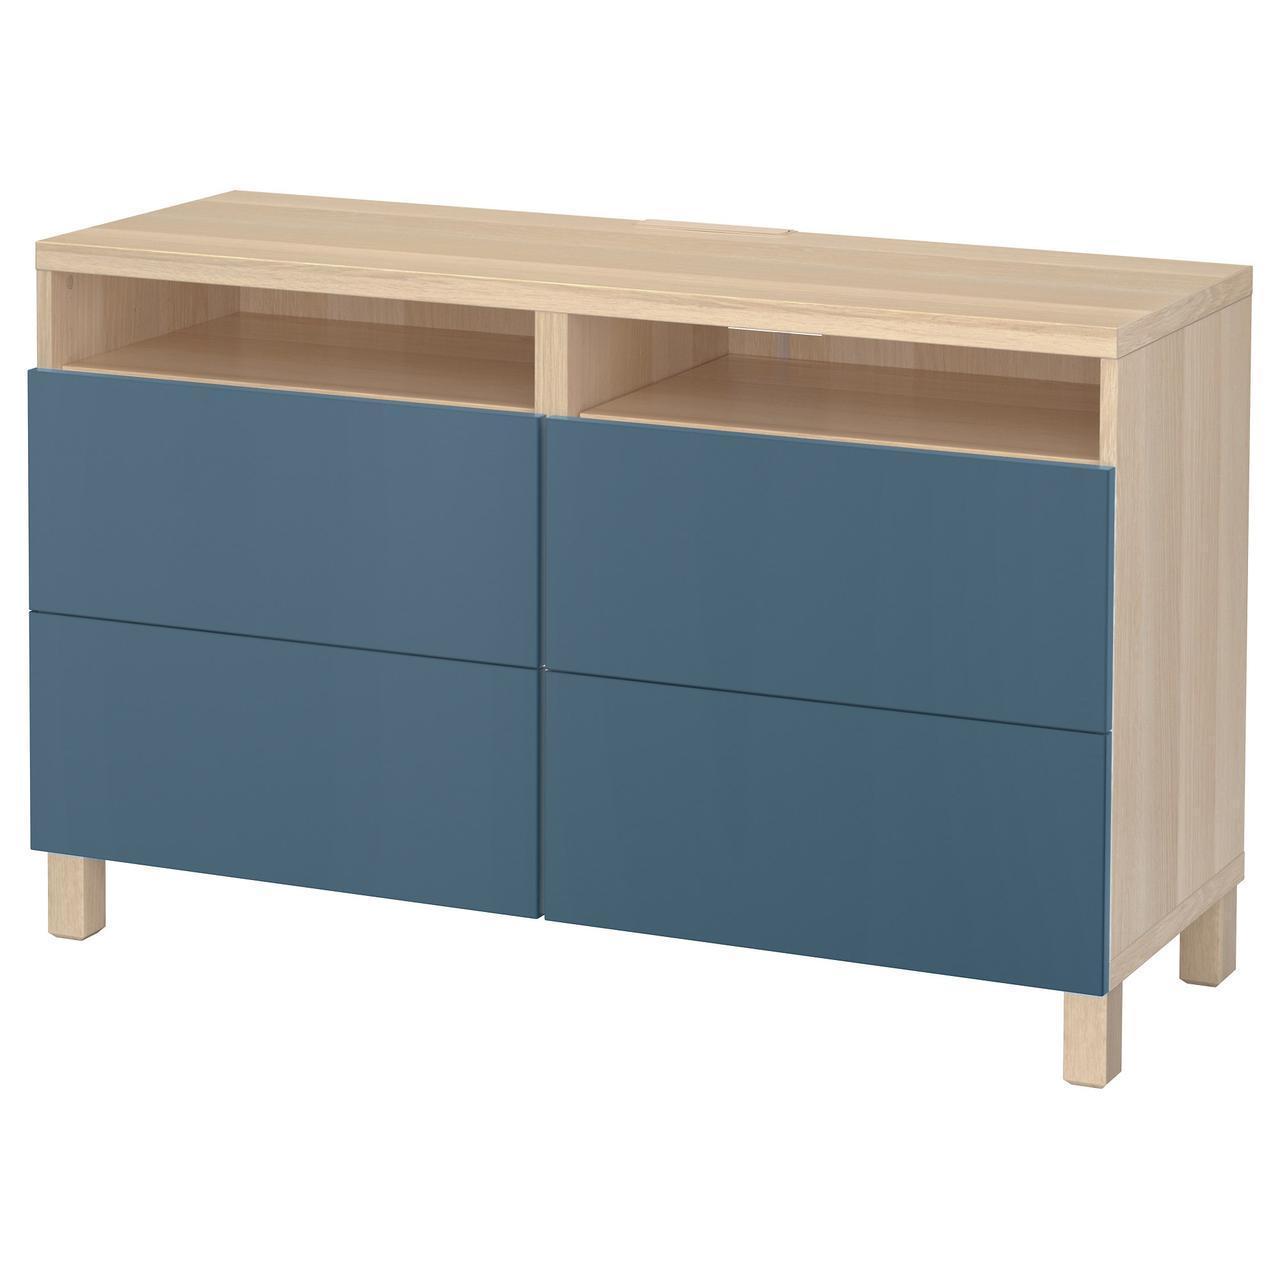 IKEA BESTA Тумба под телевизор с ящиками, белый дуб, Вальвикен синий  (692.026.80)